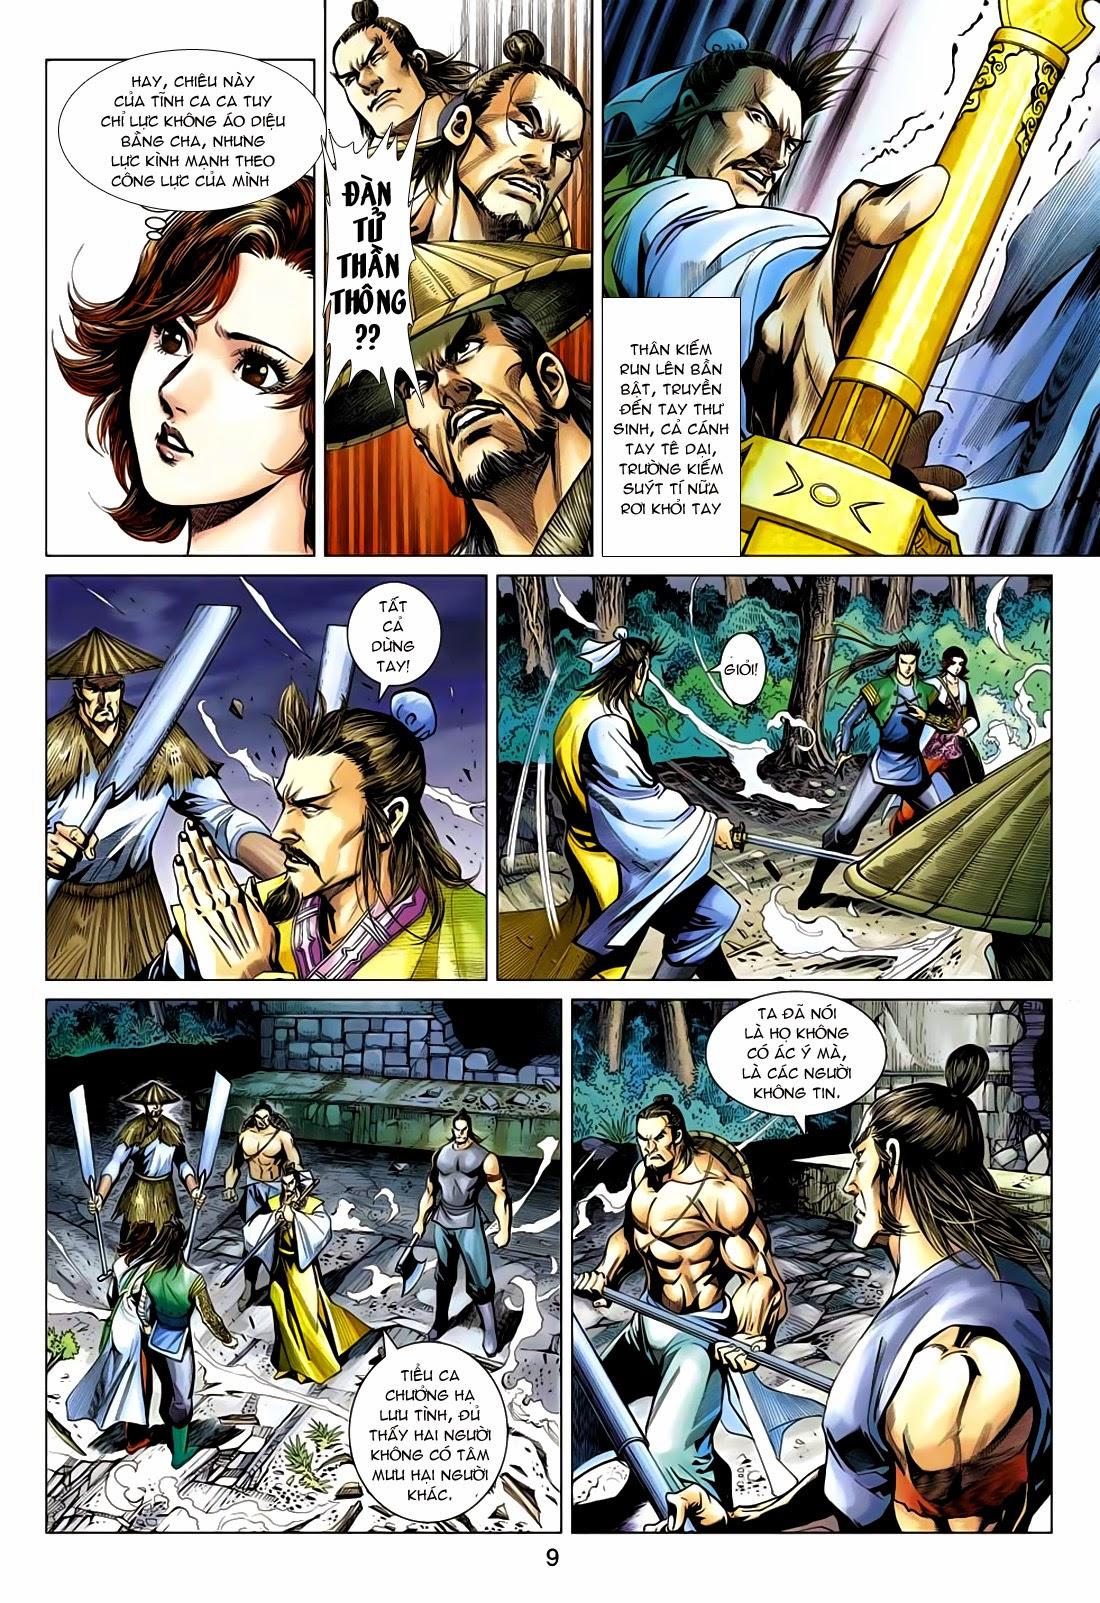 Anh Hùng Xạ Điêu anh hùng xạ đêu chap 75: hoàng thành cựu sự trang 9